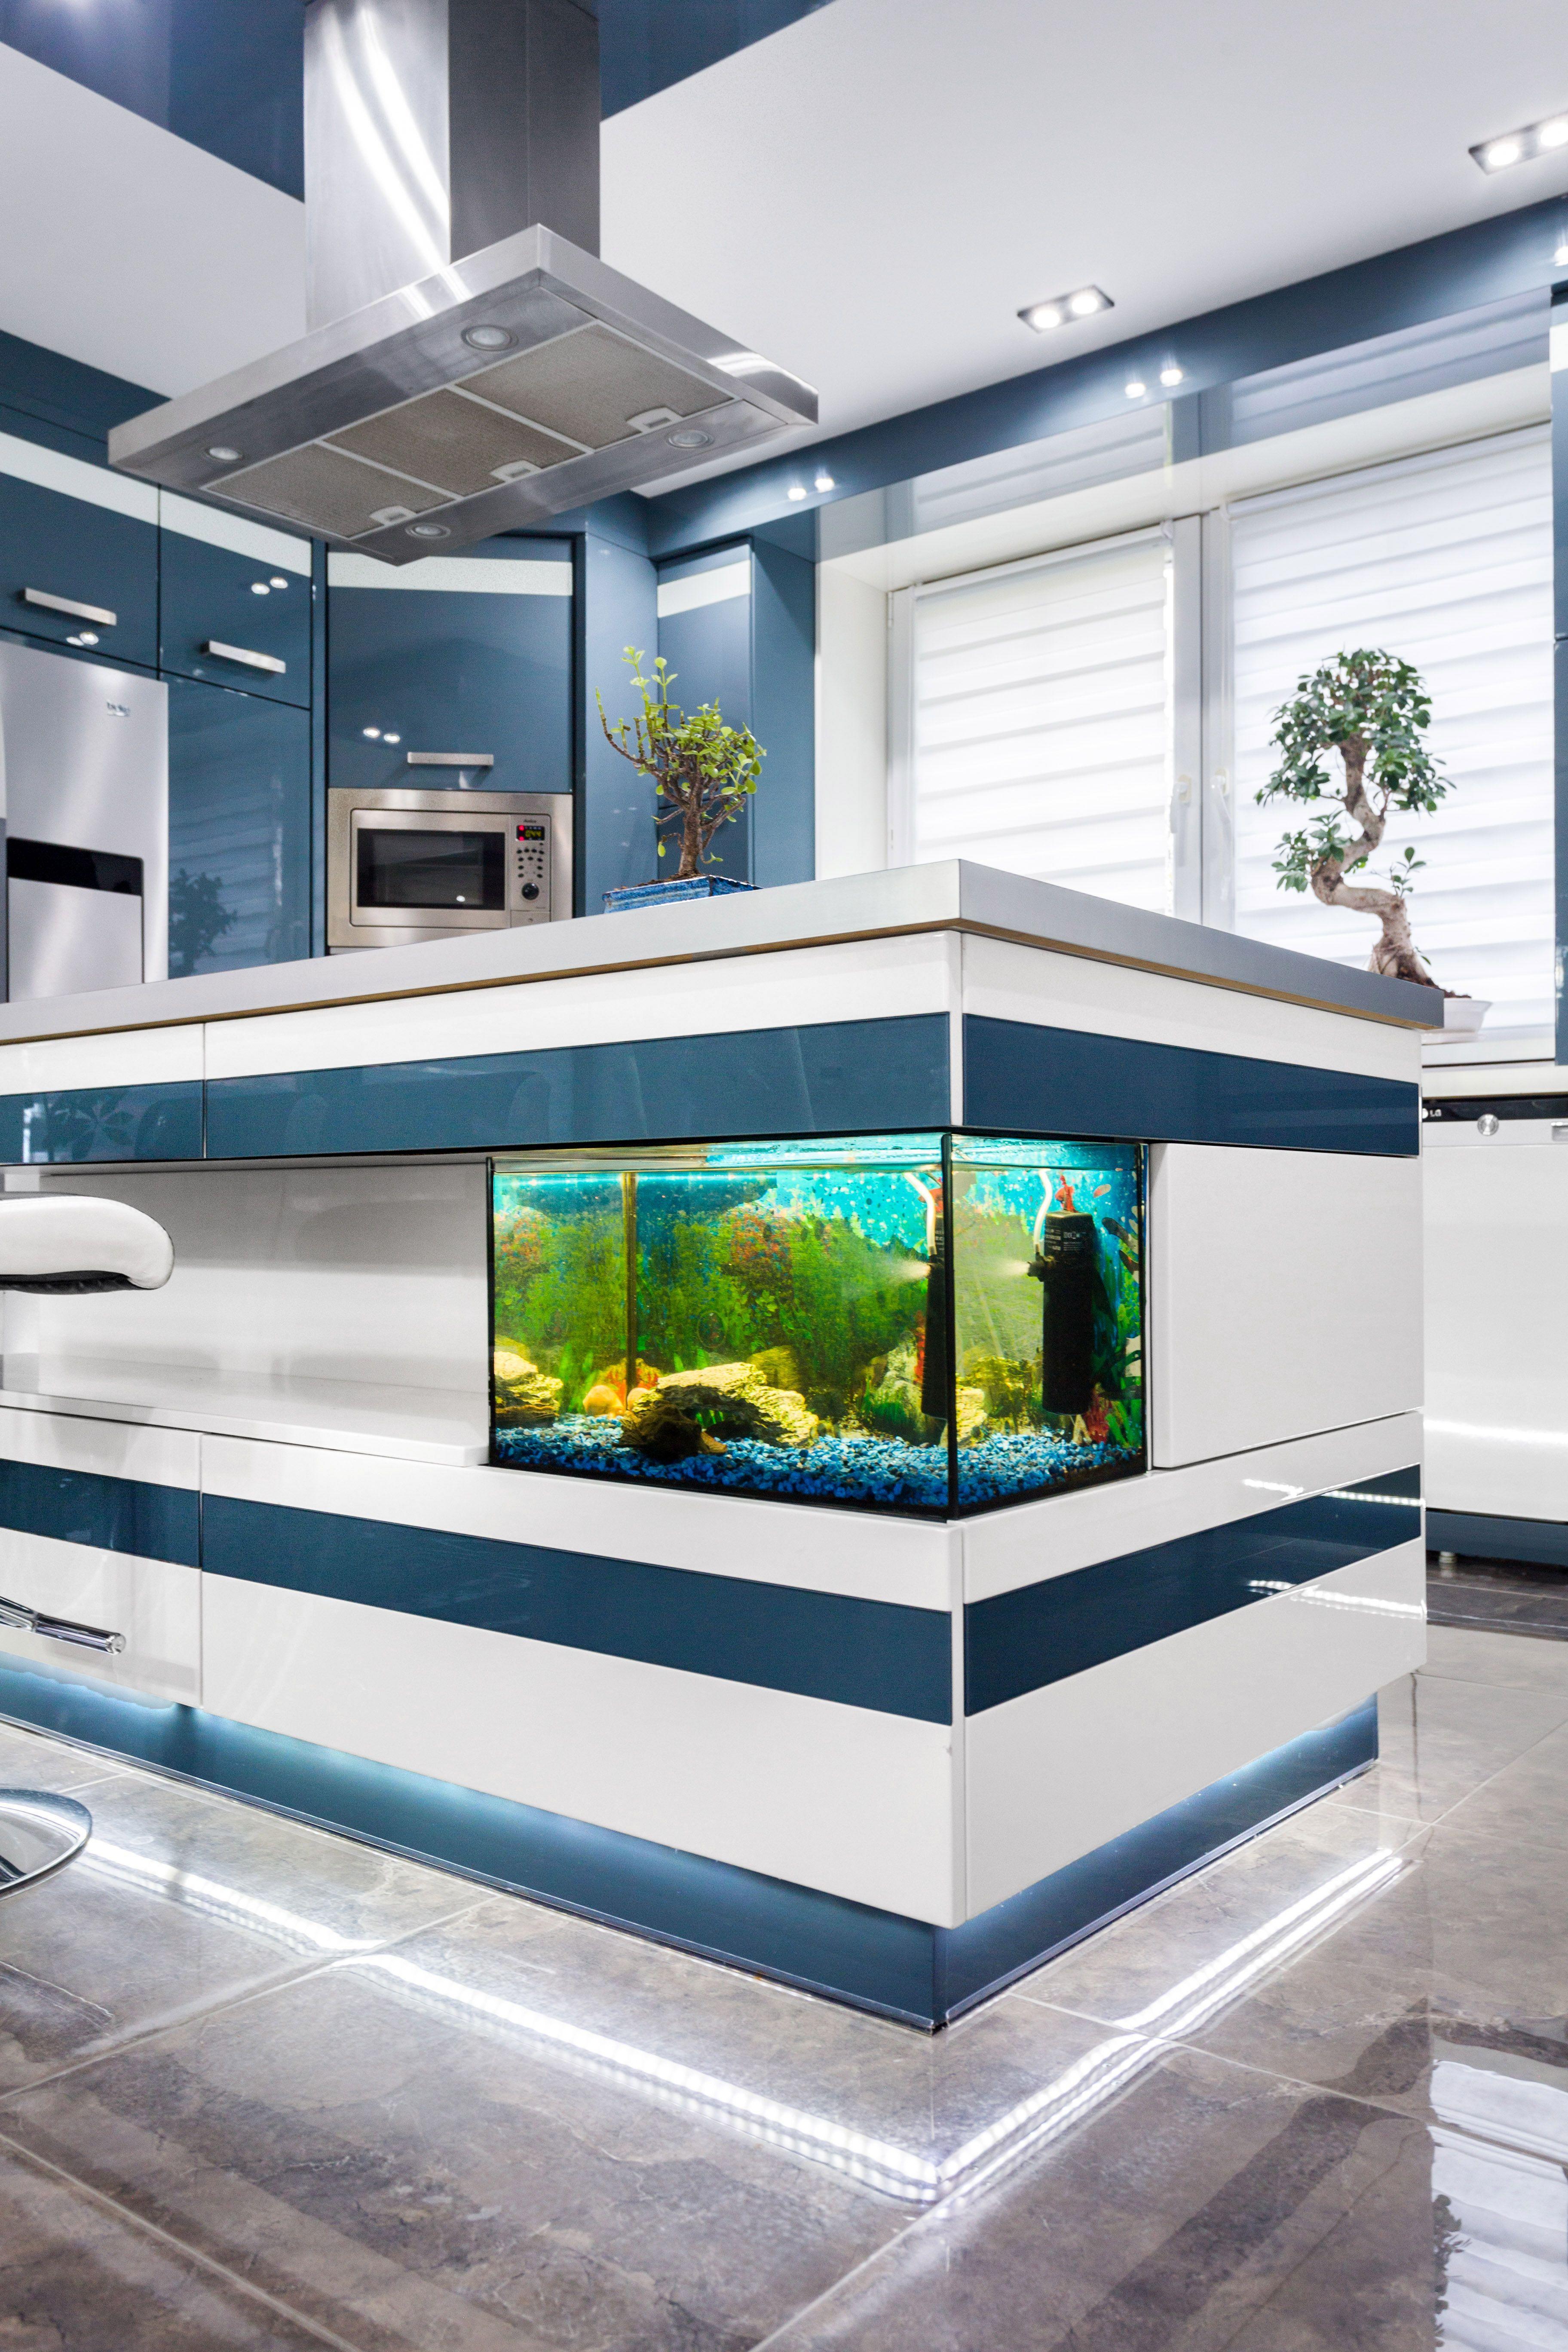 Wyspa Kuchenna Z Akwarium Kuchnia Inspiracje Aranzacja Design